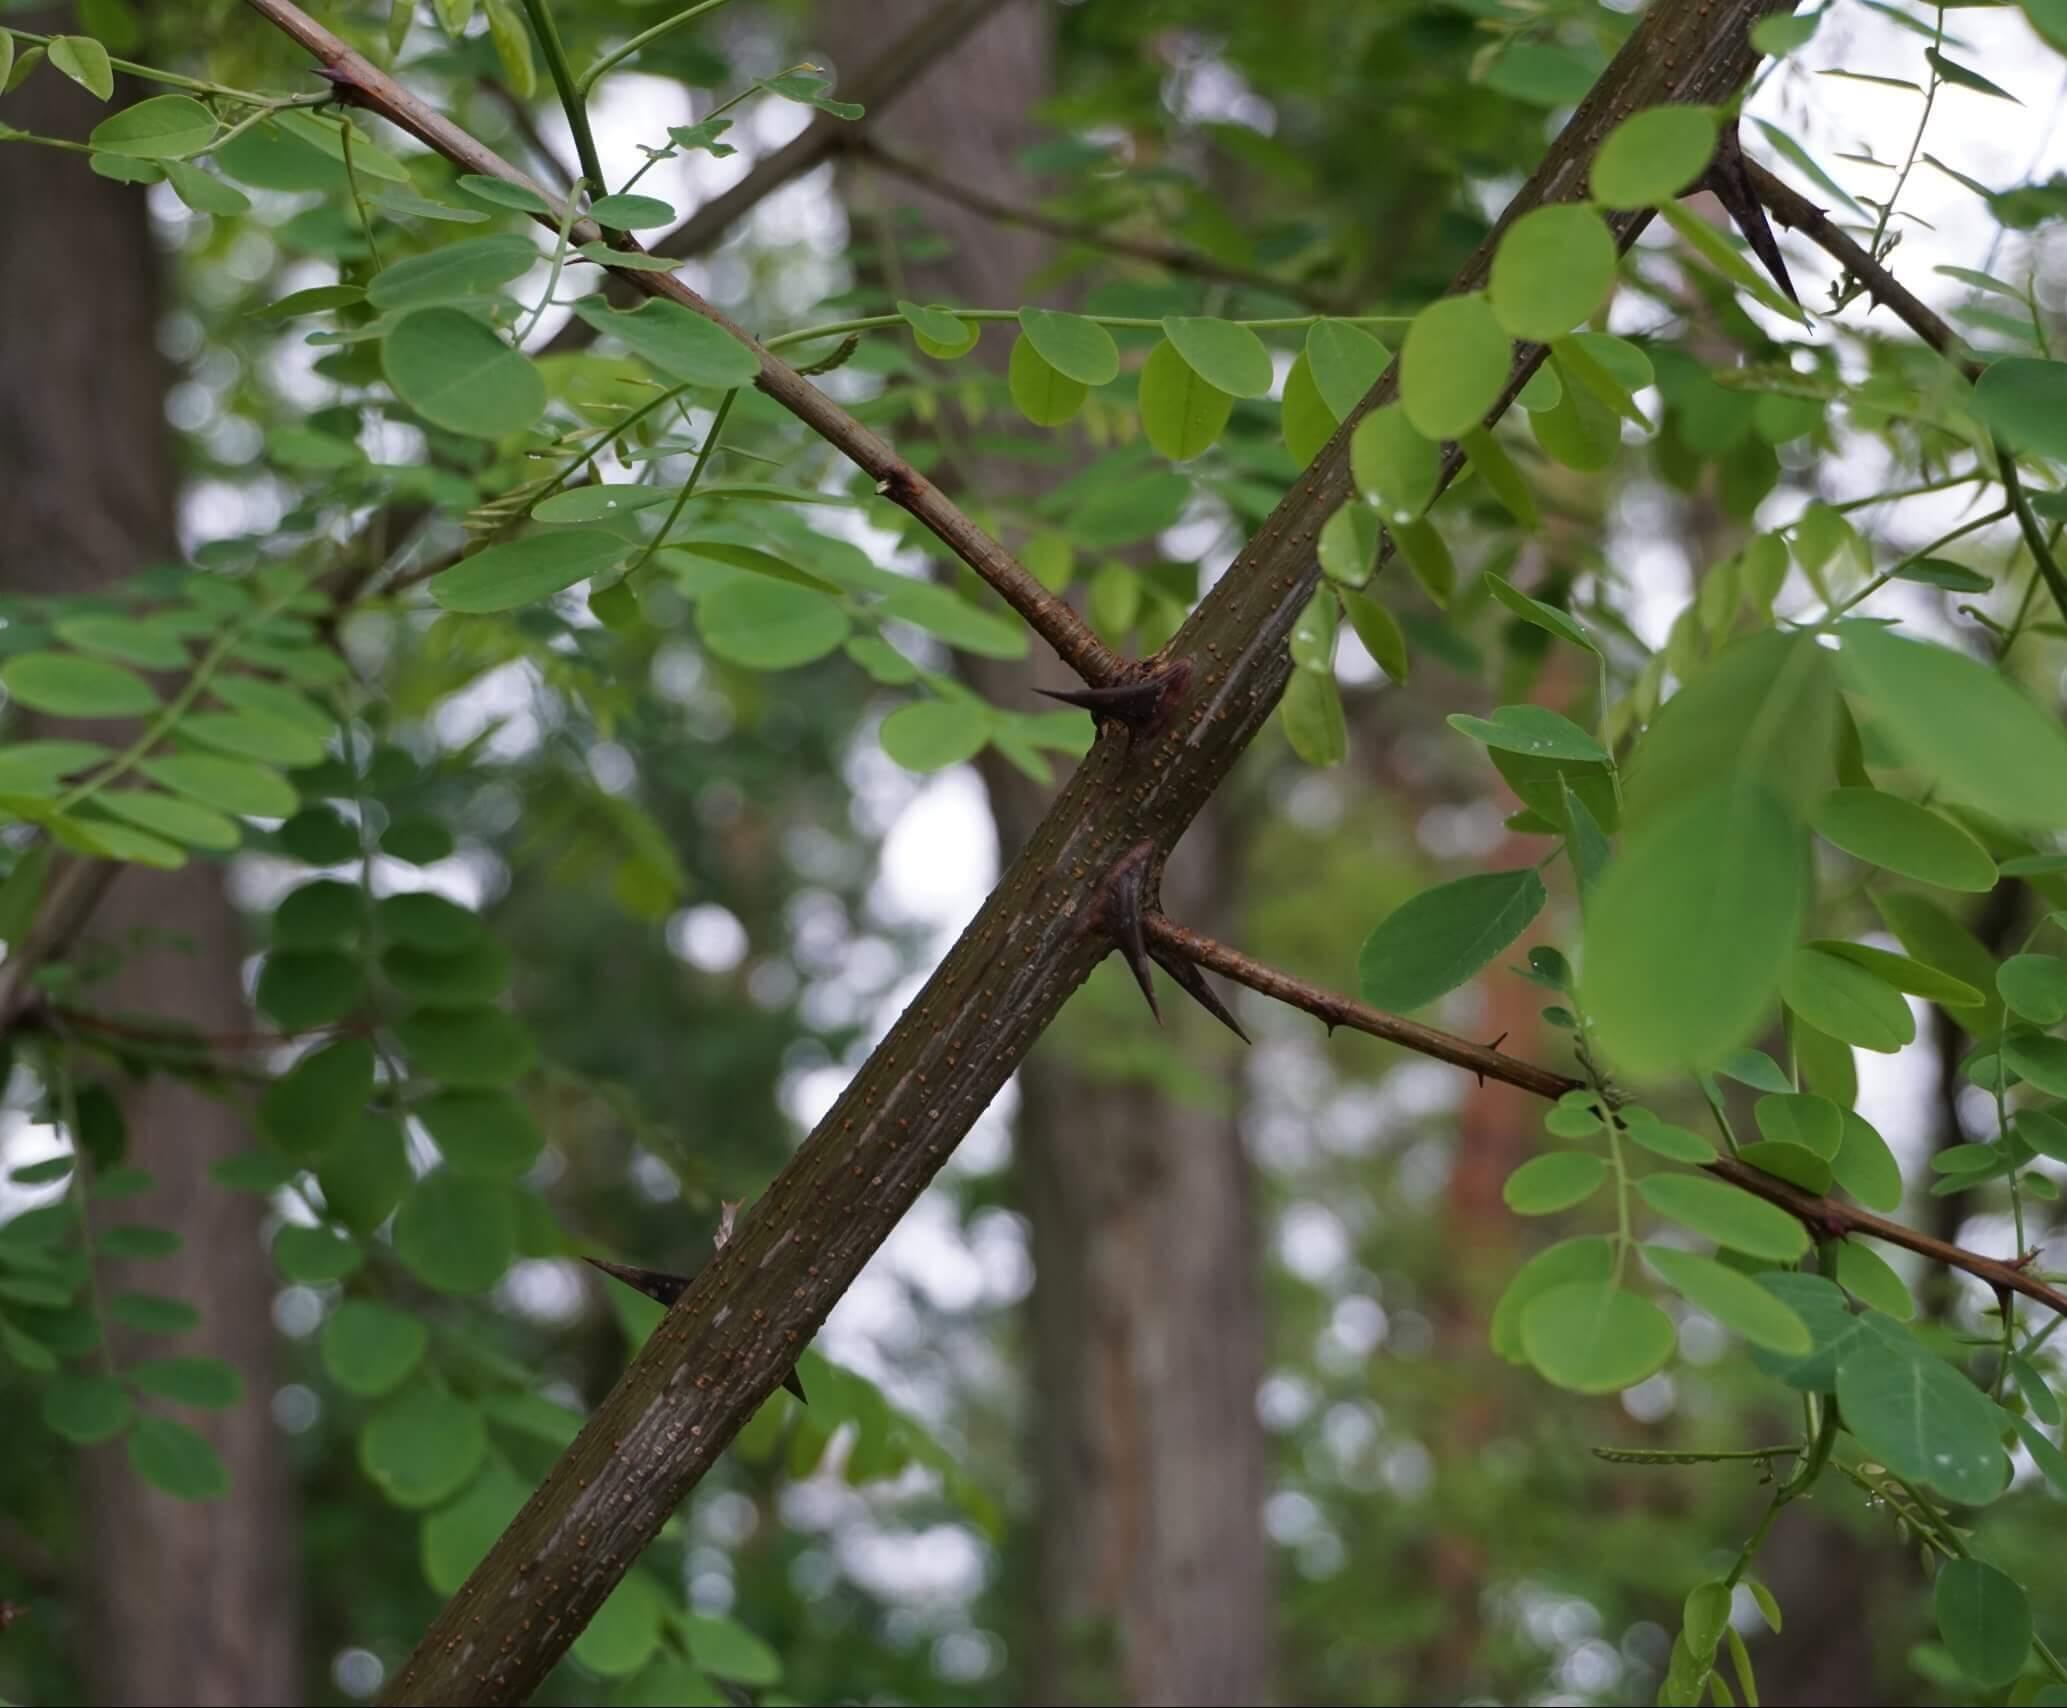 Teils kräftige Dornen sitzen bei der Robinie an jungen Pflanzen auch in den Achseln von Verzweigungen. Hier bei Robinien an der Straße Grüne Trift am Walde in Köpenick.